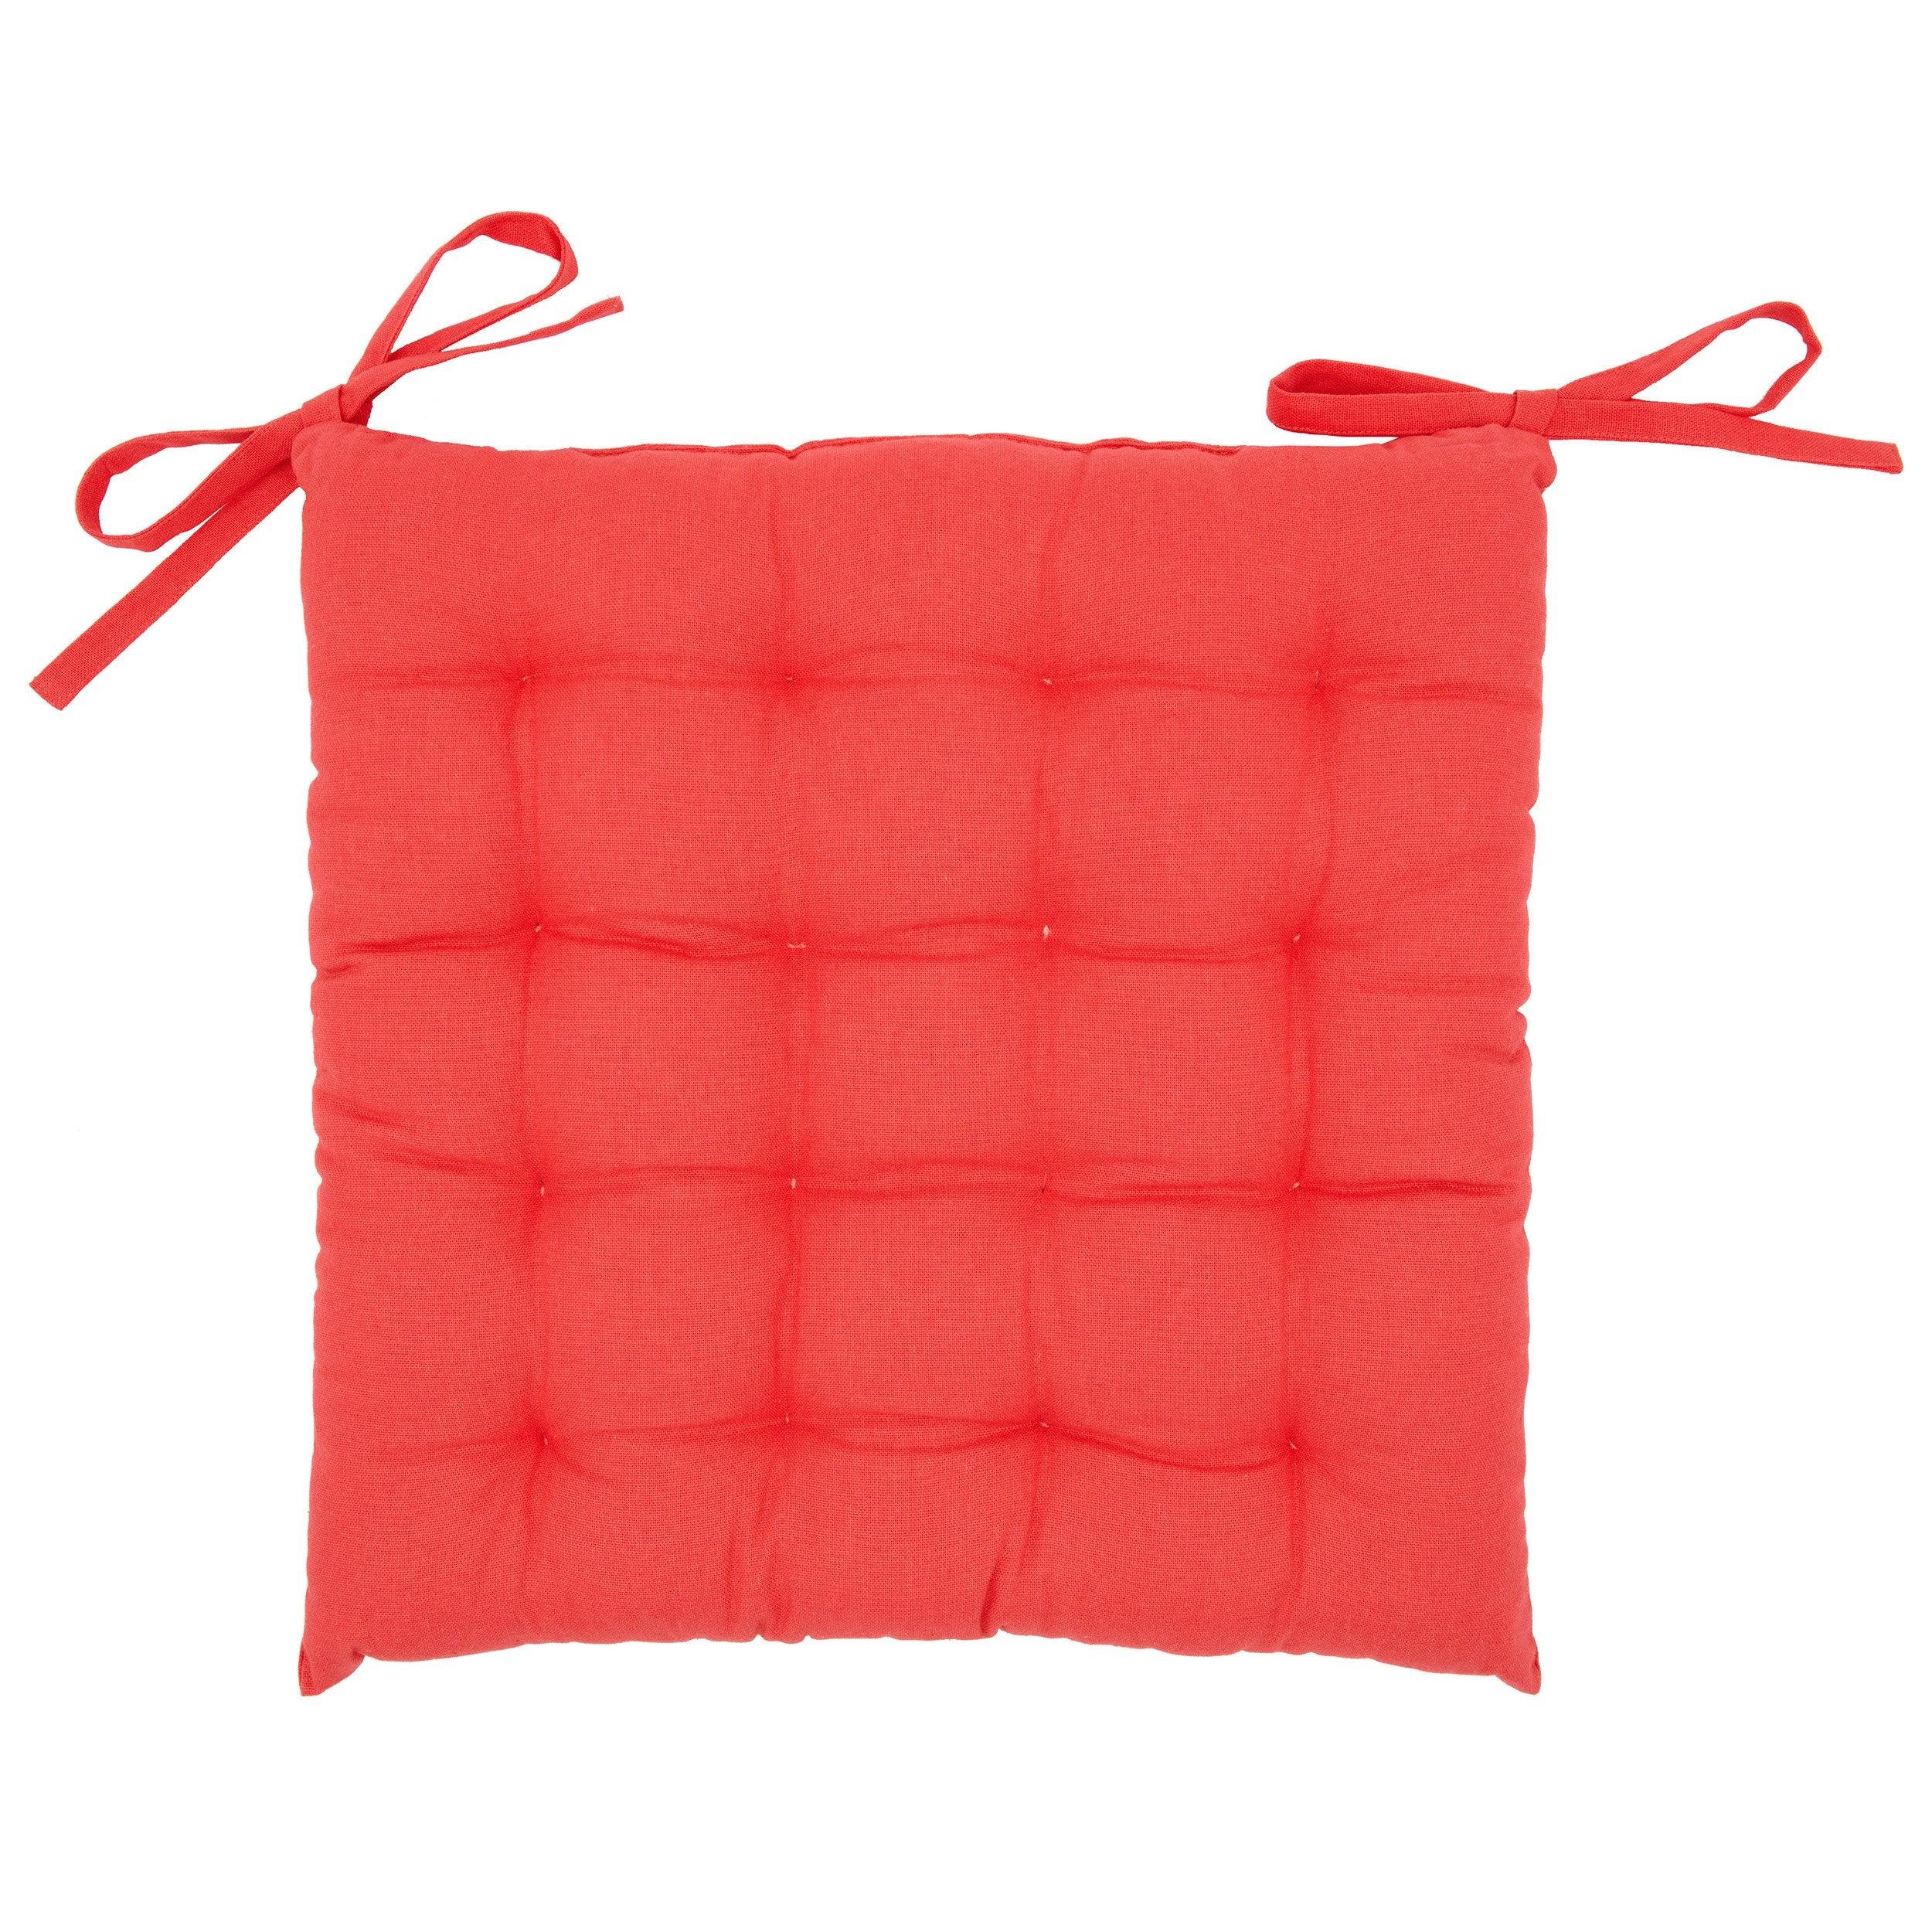 Galette de chaise Santorin, rouge l.40 x H.40 cm  Leroy